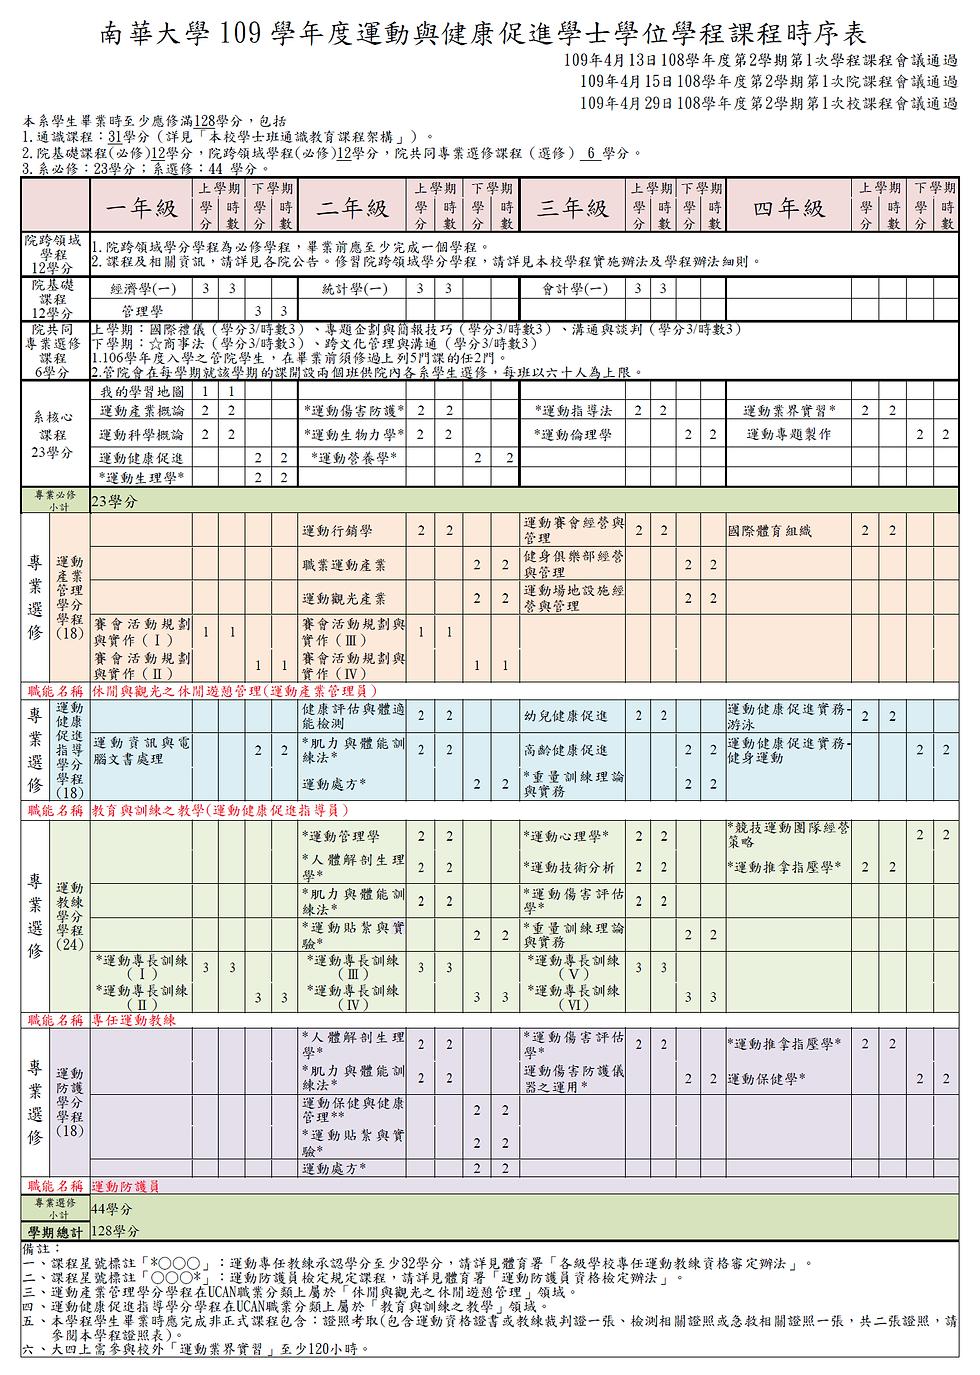 南華大學管理學院運動與健康促進學程109級課程時序表-確定版.png